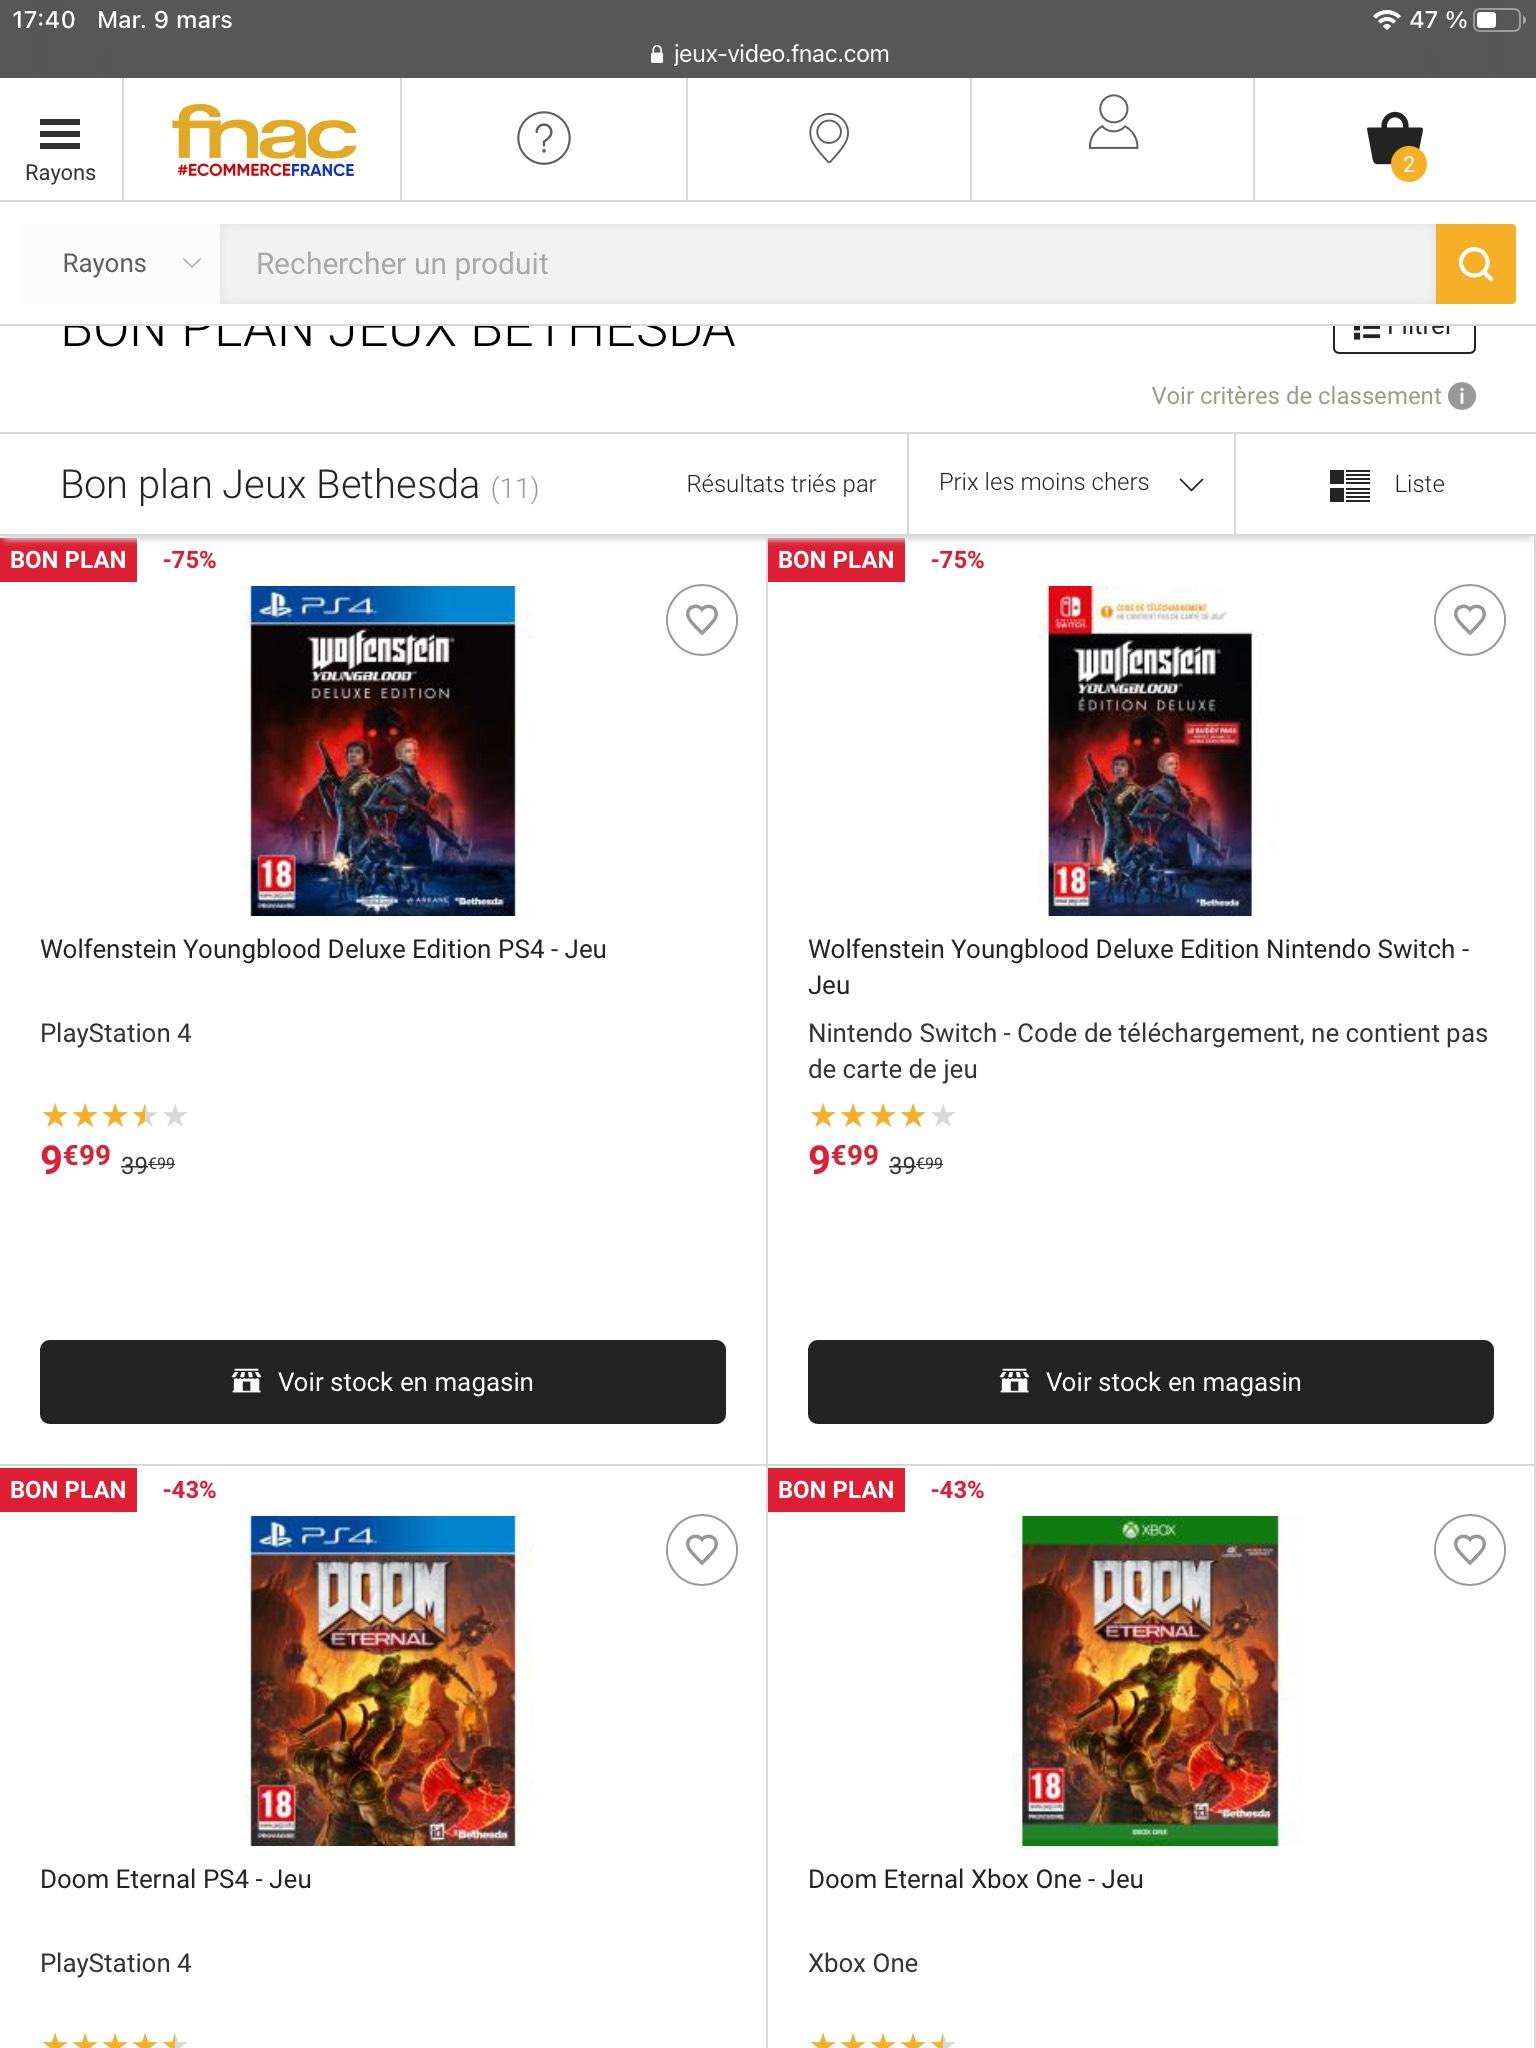 Sélection de jeu switch ps4 Xbox